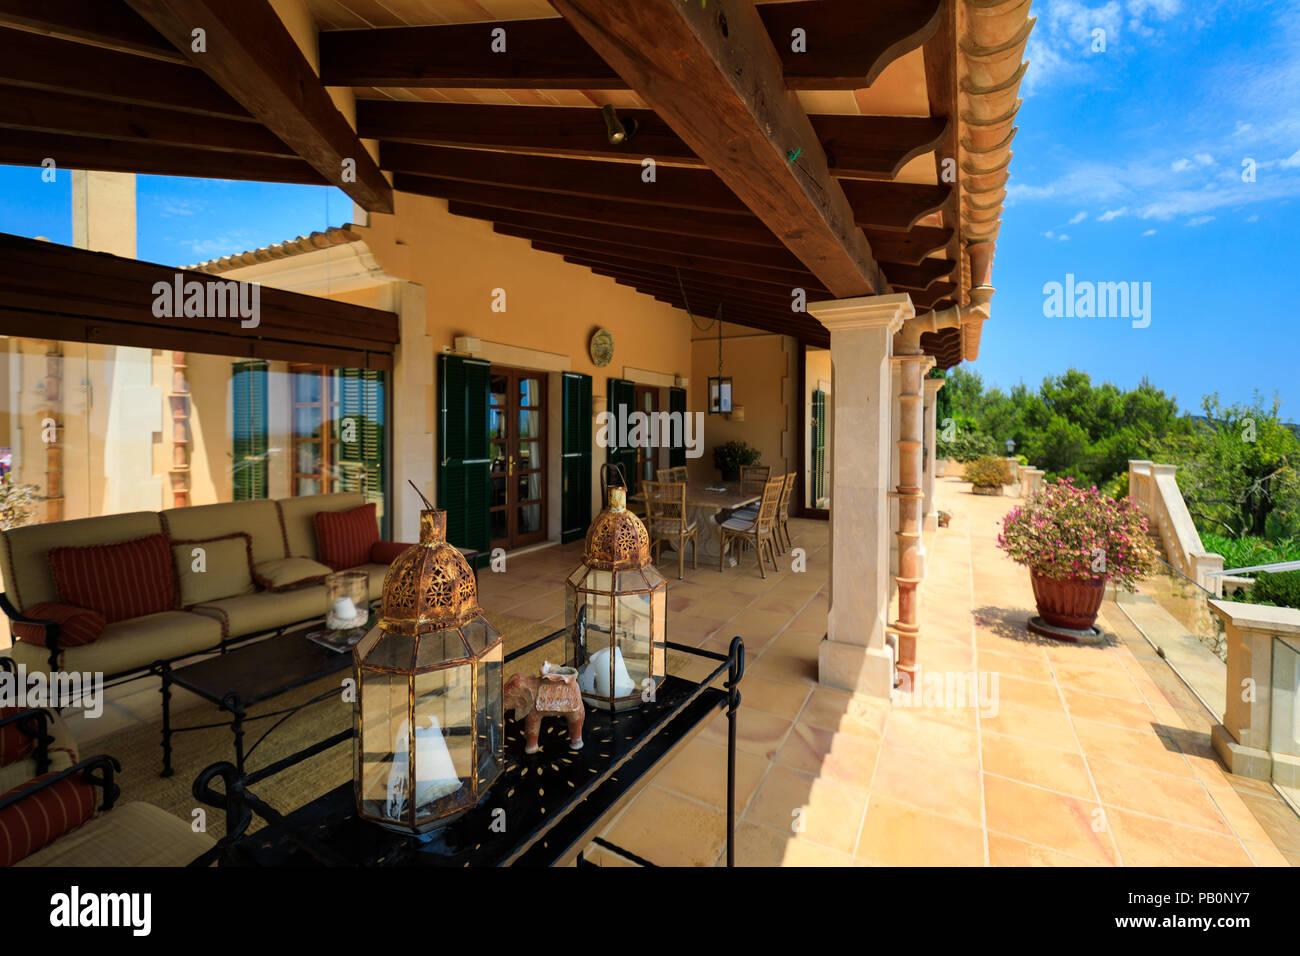 La Terraza De La Casa Española Foto Imagen De Stock